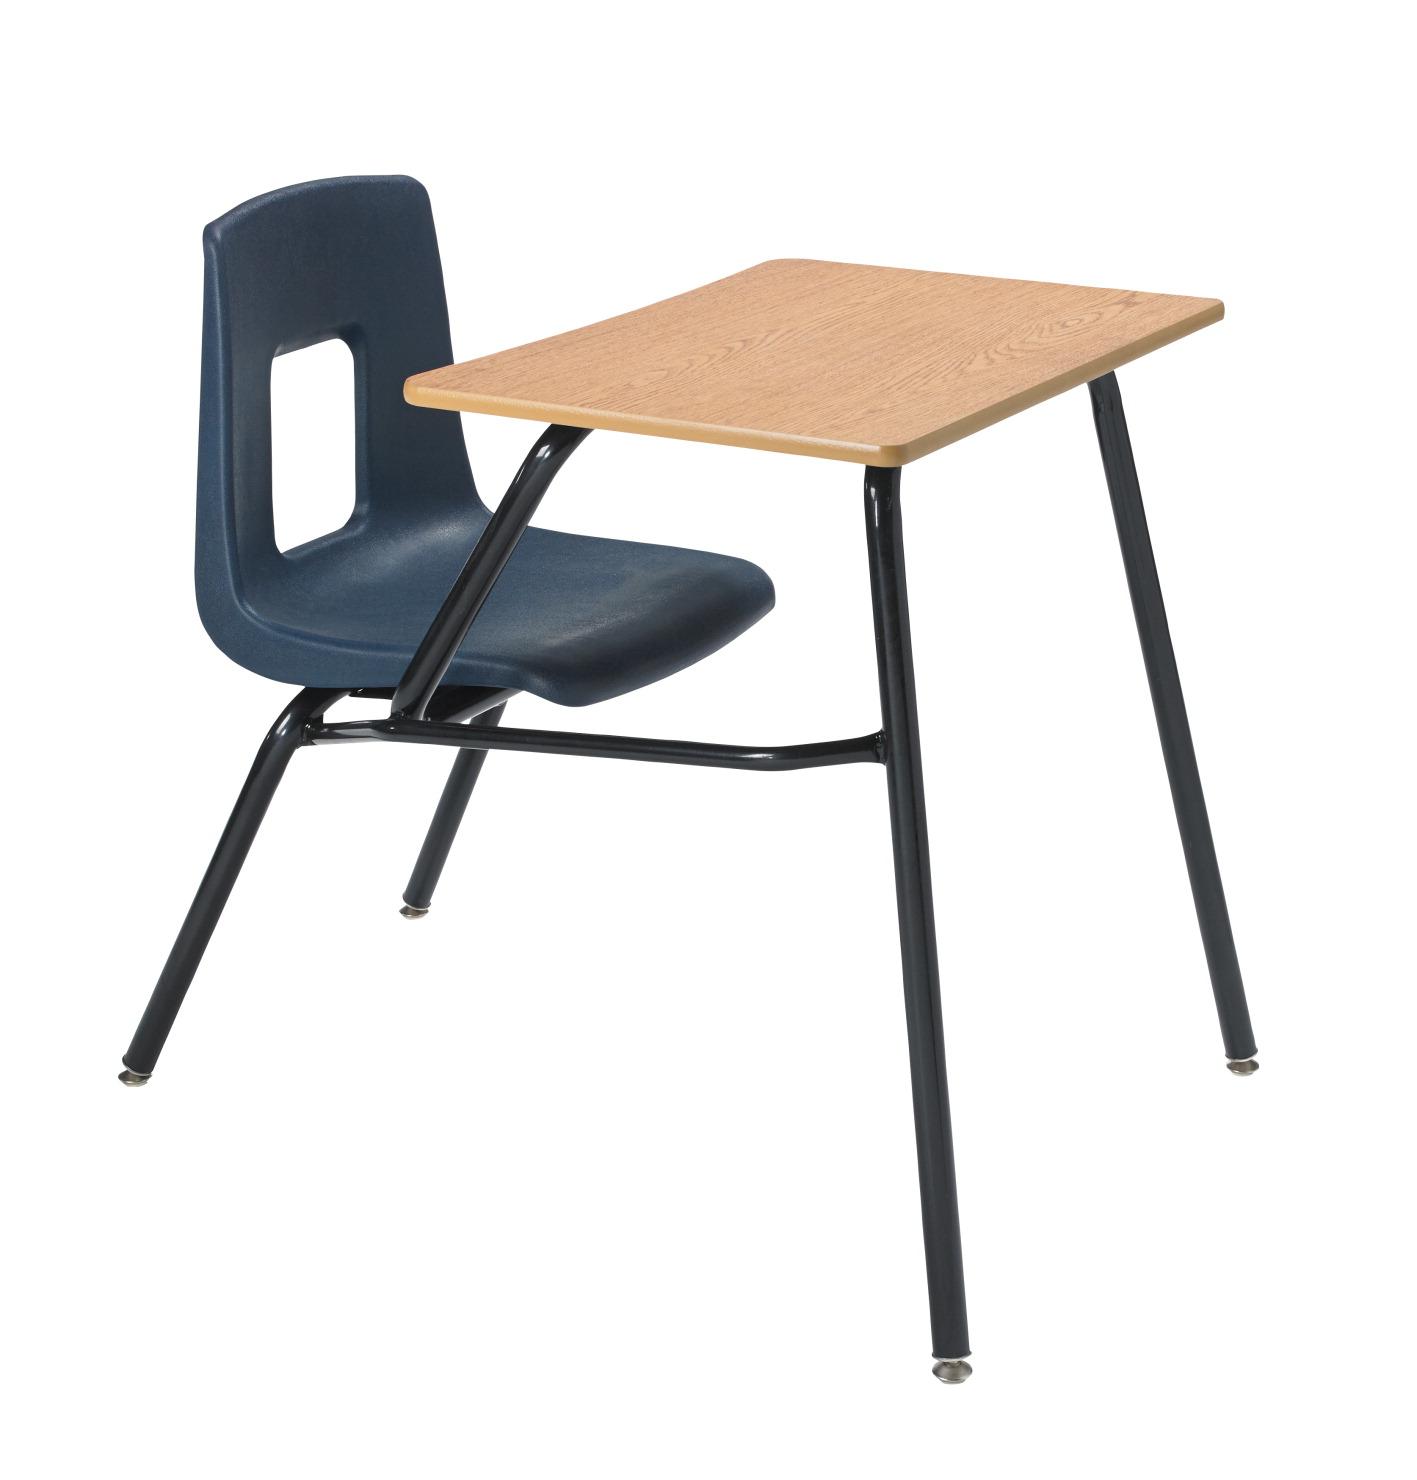 Combination Desk - SCHOOL SPECIALTY MARKETPLACE